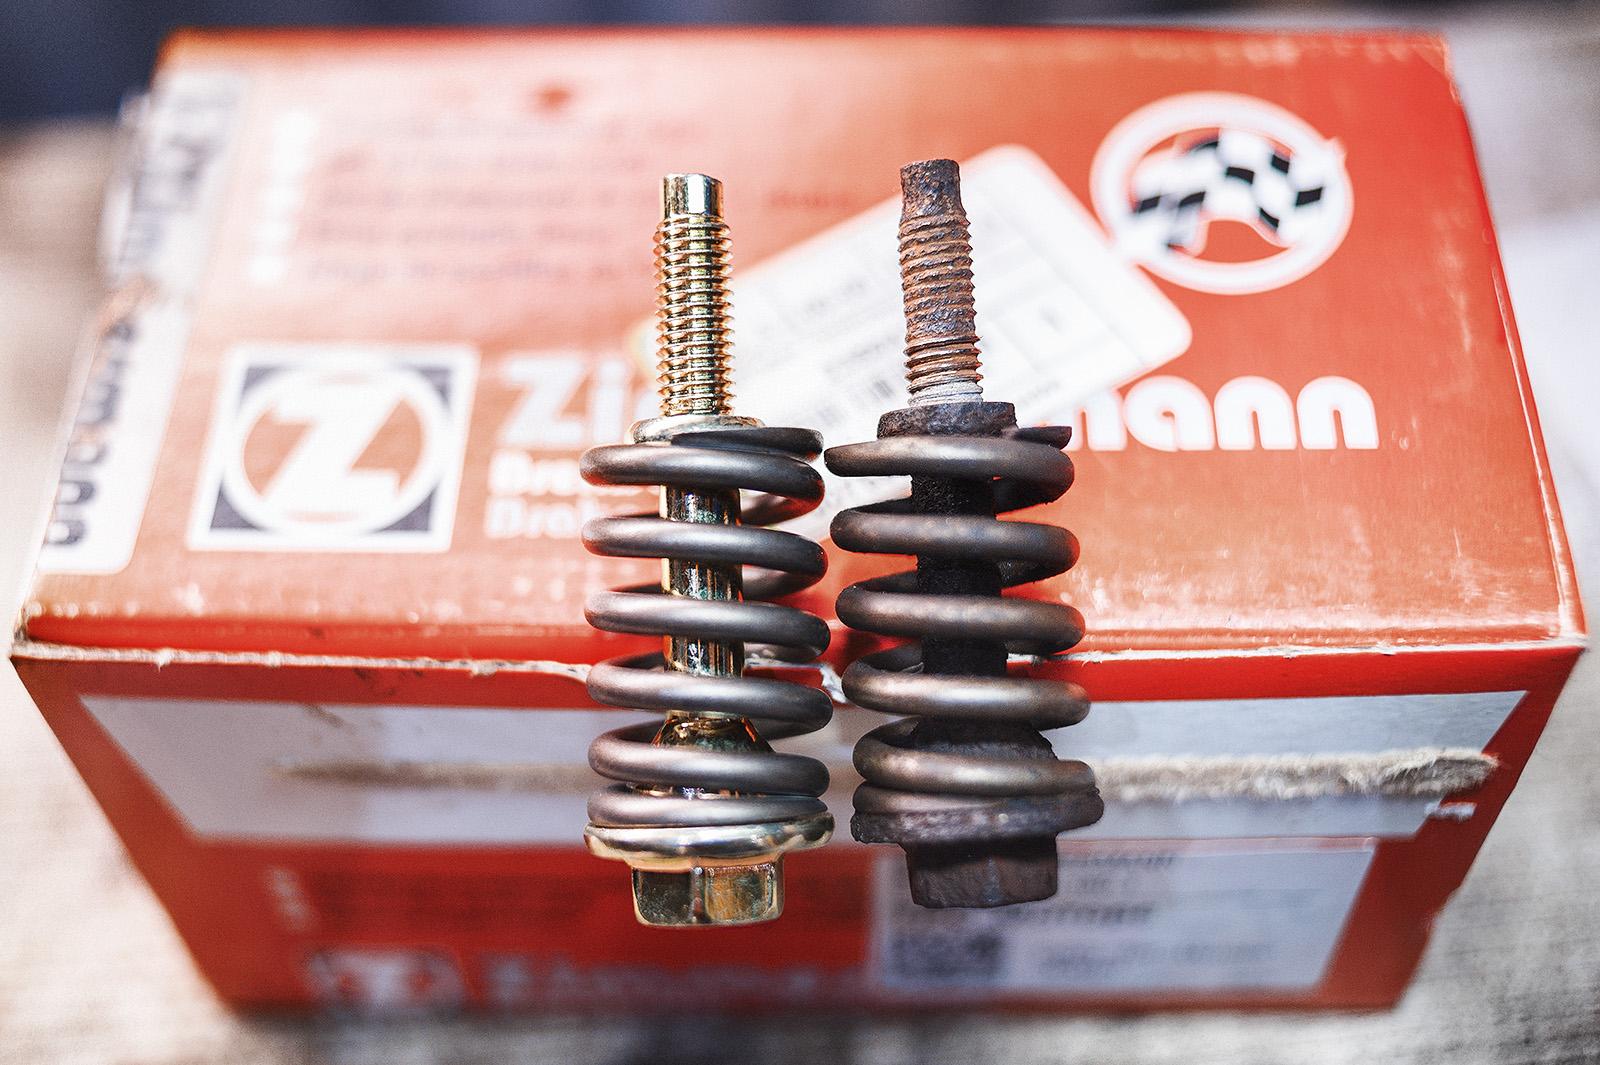 Болты для соединения приёмной трубы с выпускным коллектором